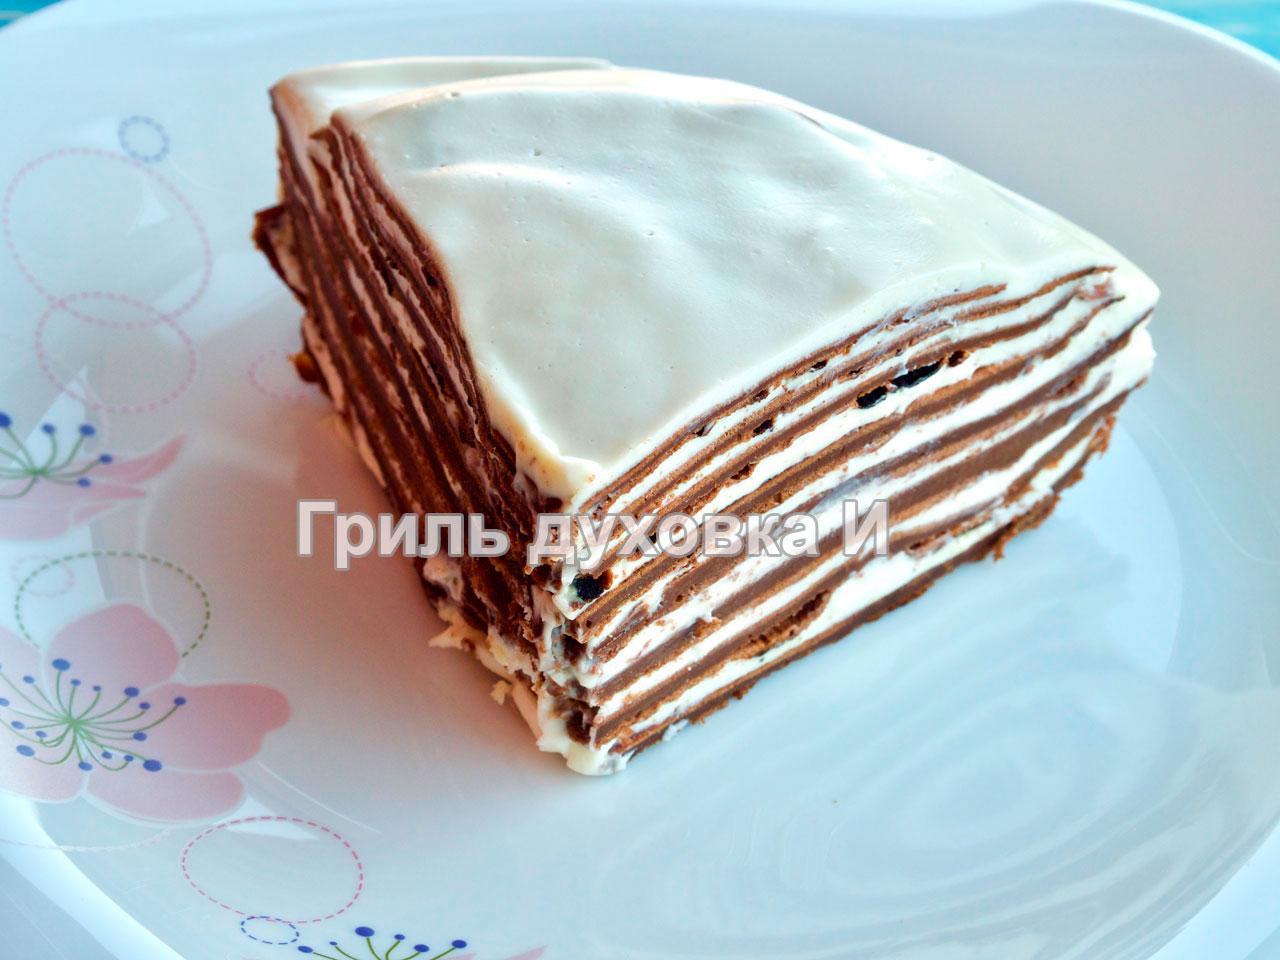 Шоколадный блинный торт.